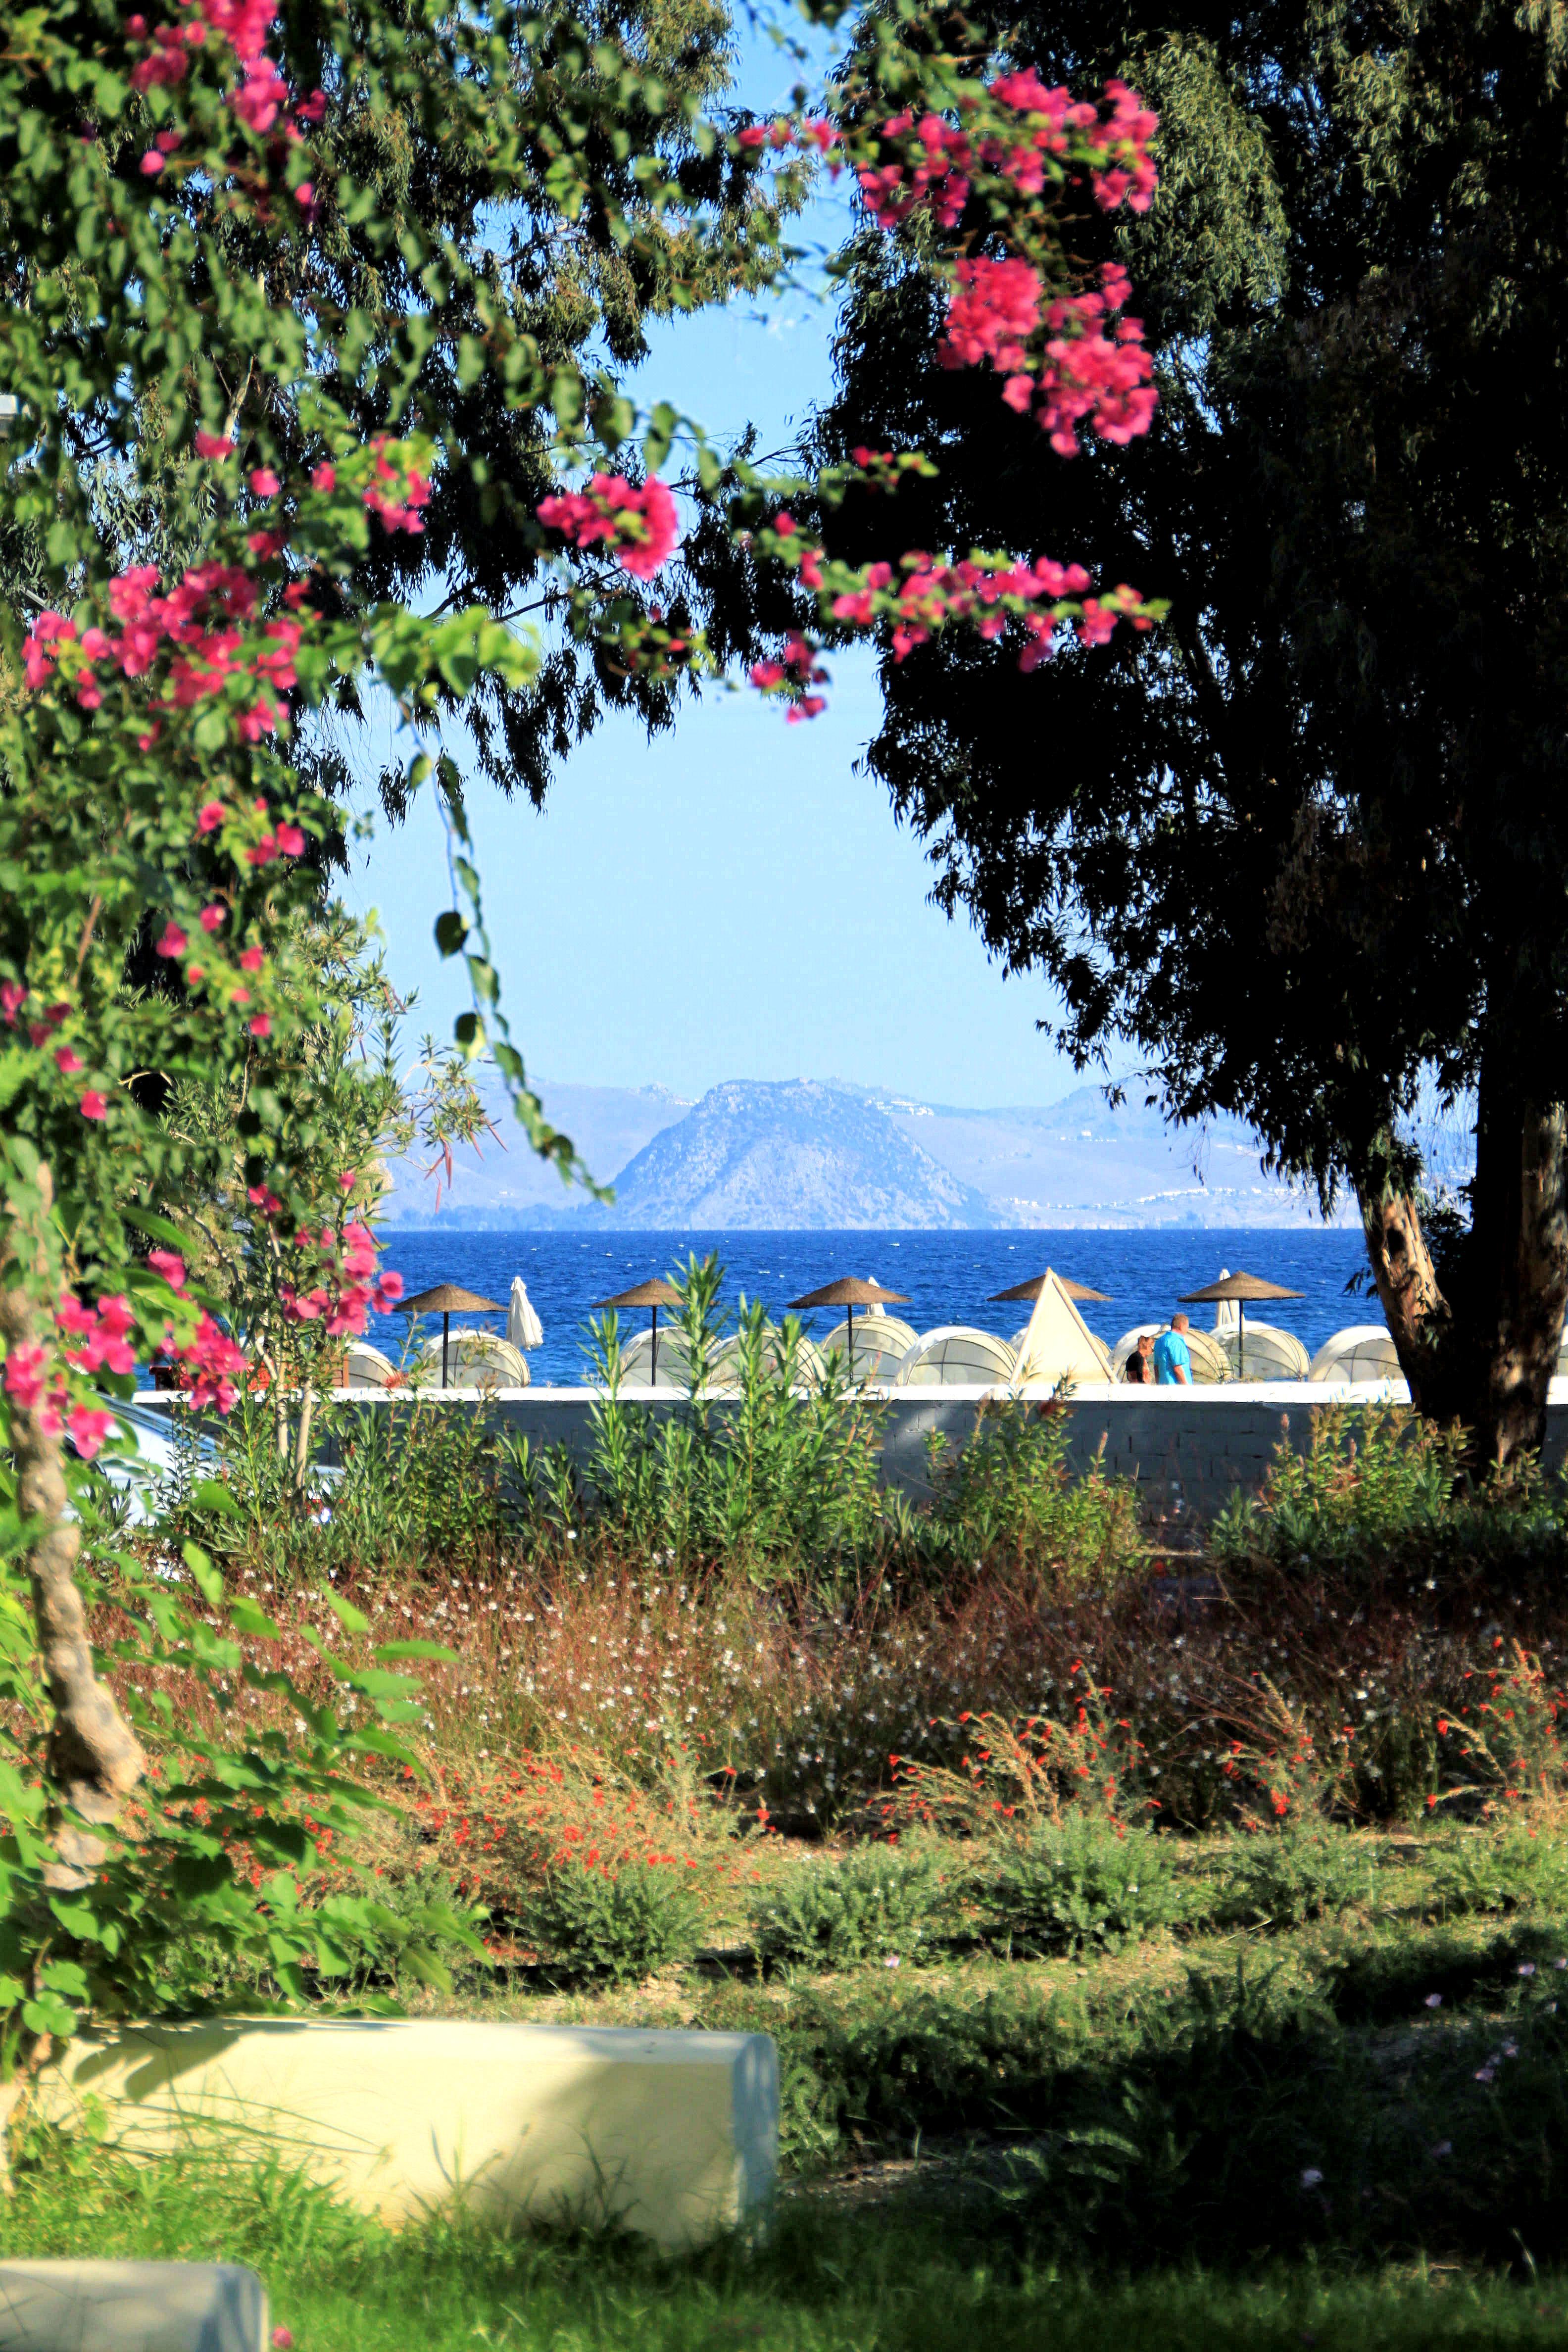 Meidän hotelli sijaitsi Psalidin alueella, noin 3-4 km keskustasta. Tässä maisema merelle hotellialueelta.